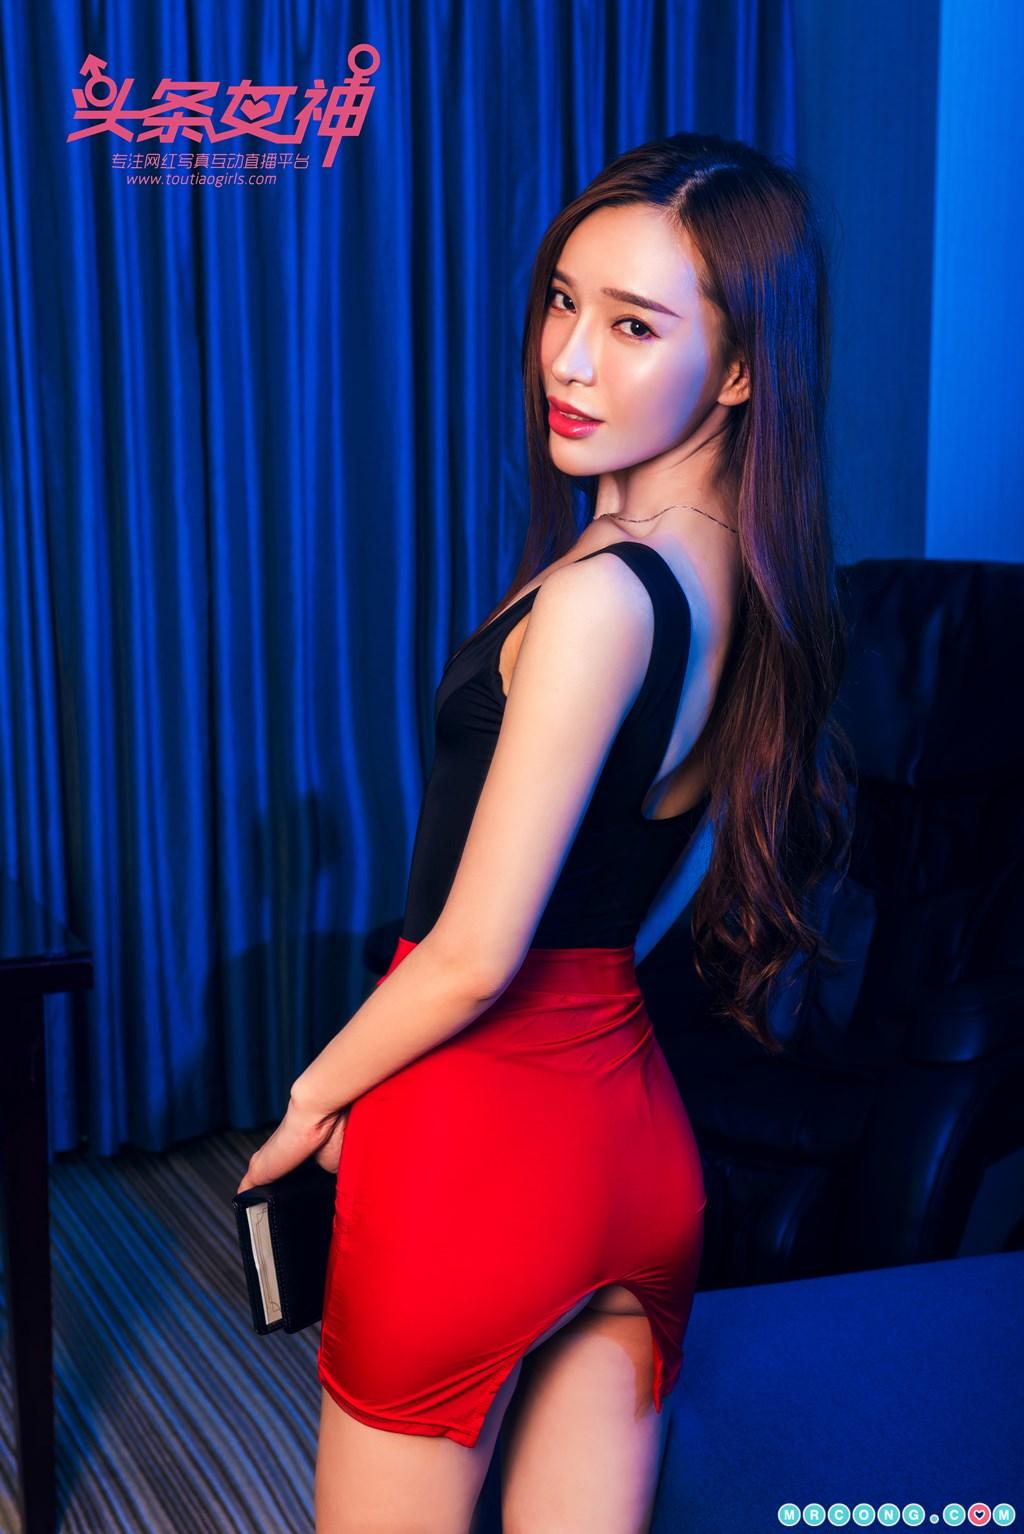 Image TouTiao-2017-12-16-Ai-Xiao-Qing-MrCong.com-002 in post TouTiao 2017-12-16: Người mẫu Ai Xiao Qing (艾小青) (32 ảnh)